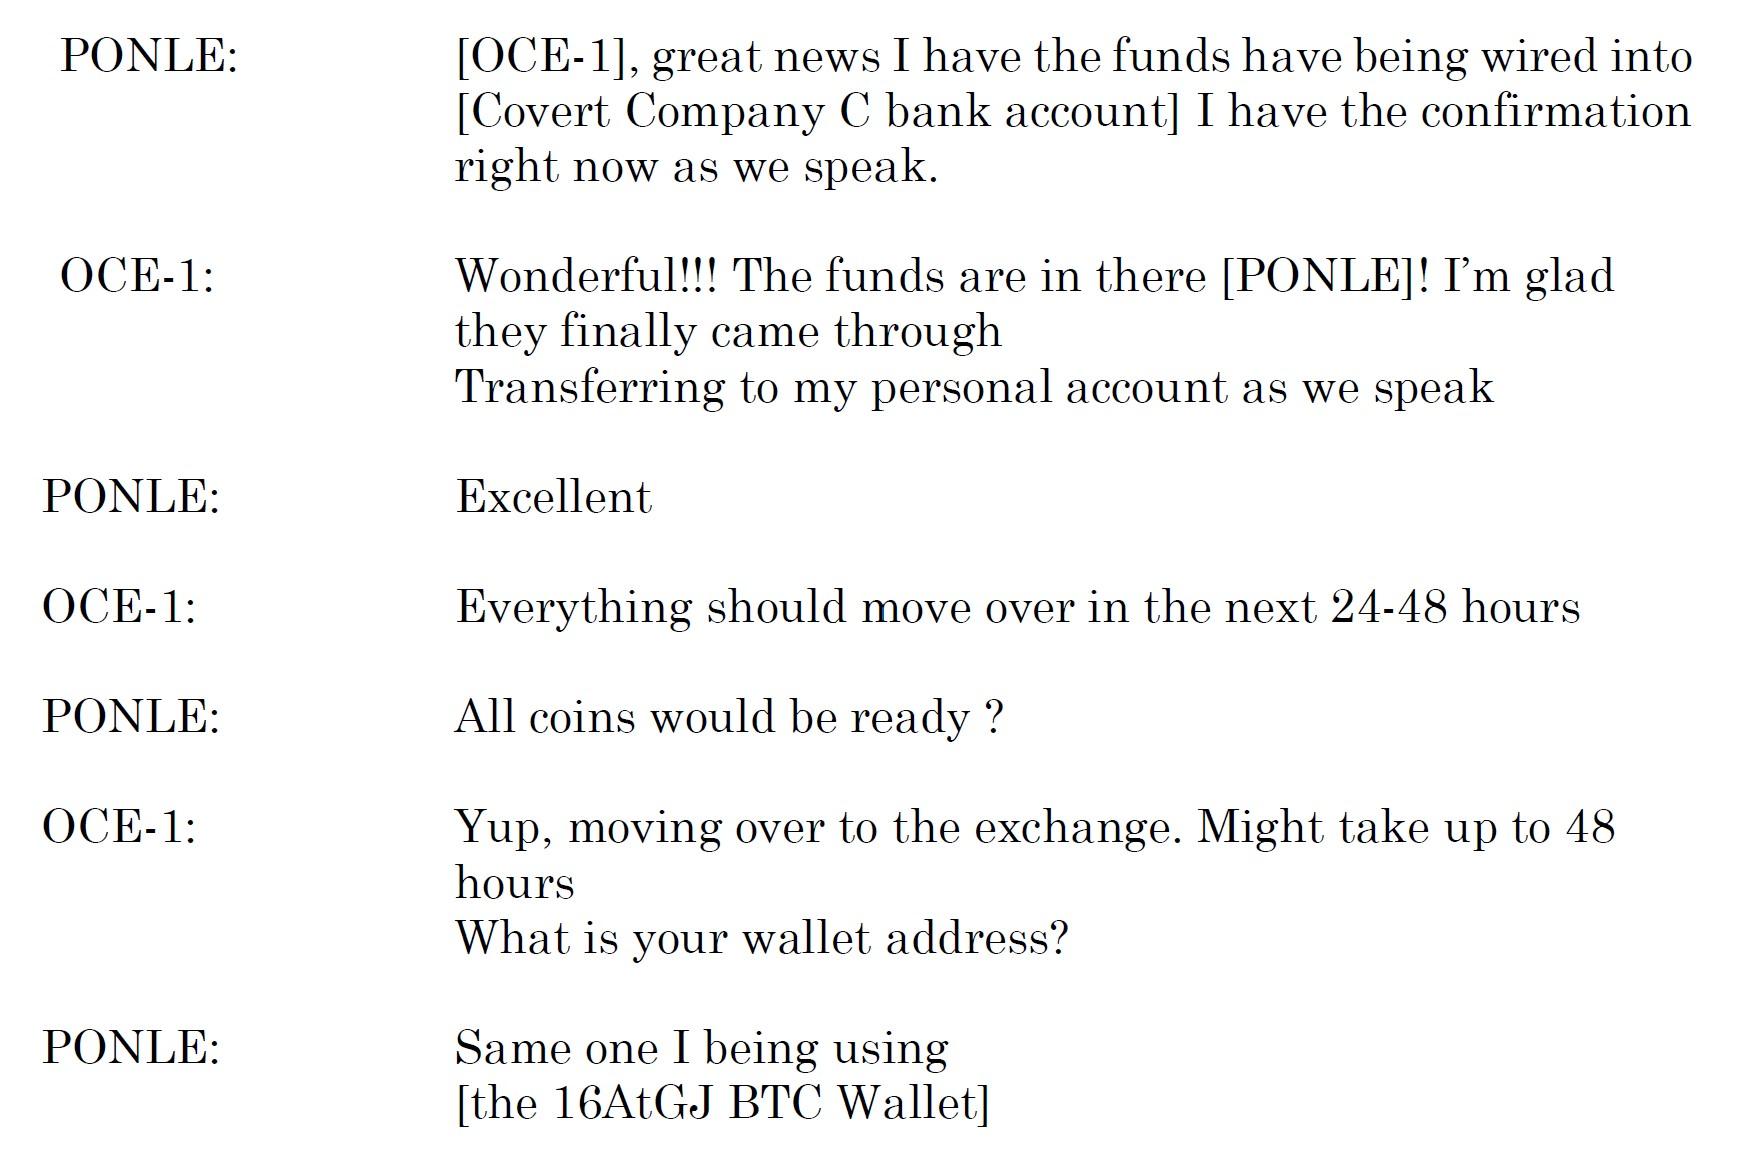 Uma discussão entre Ponle e seu associado da transação em 9 de setembro de 2019